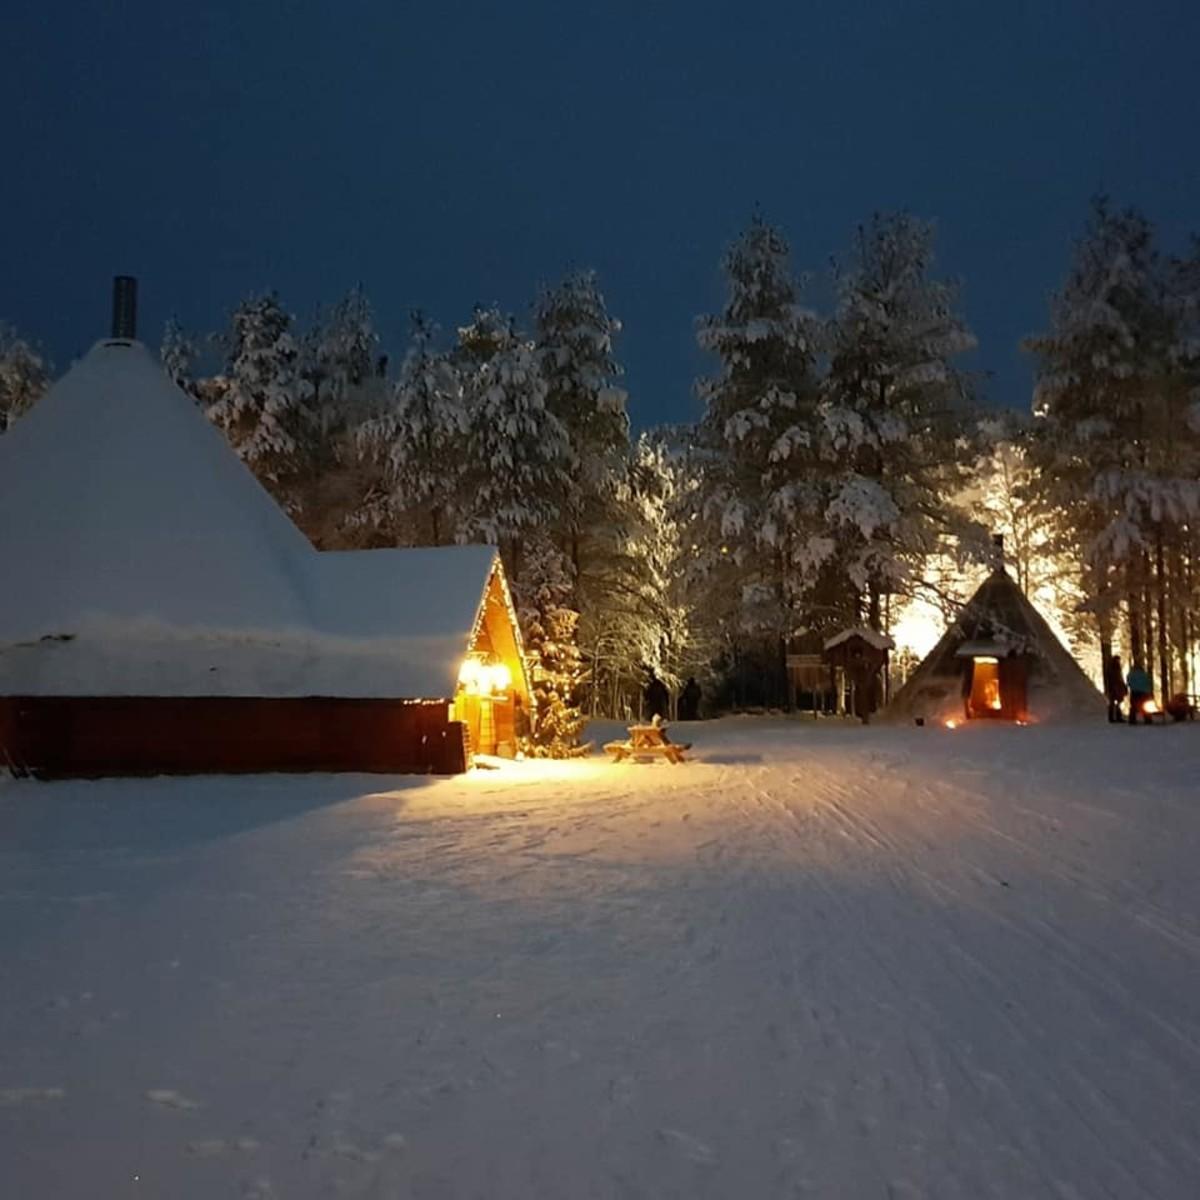 Jaakkola in the land of the Midnight Sun.